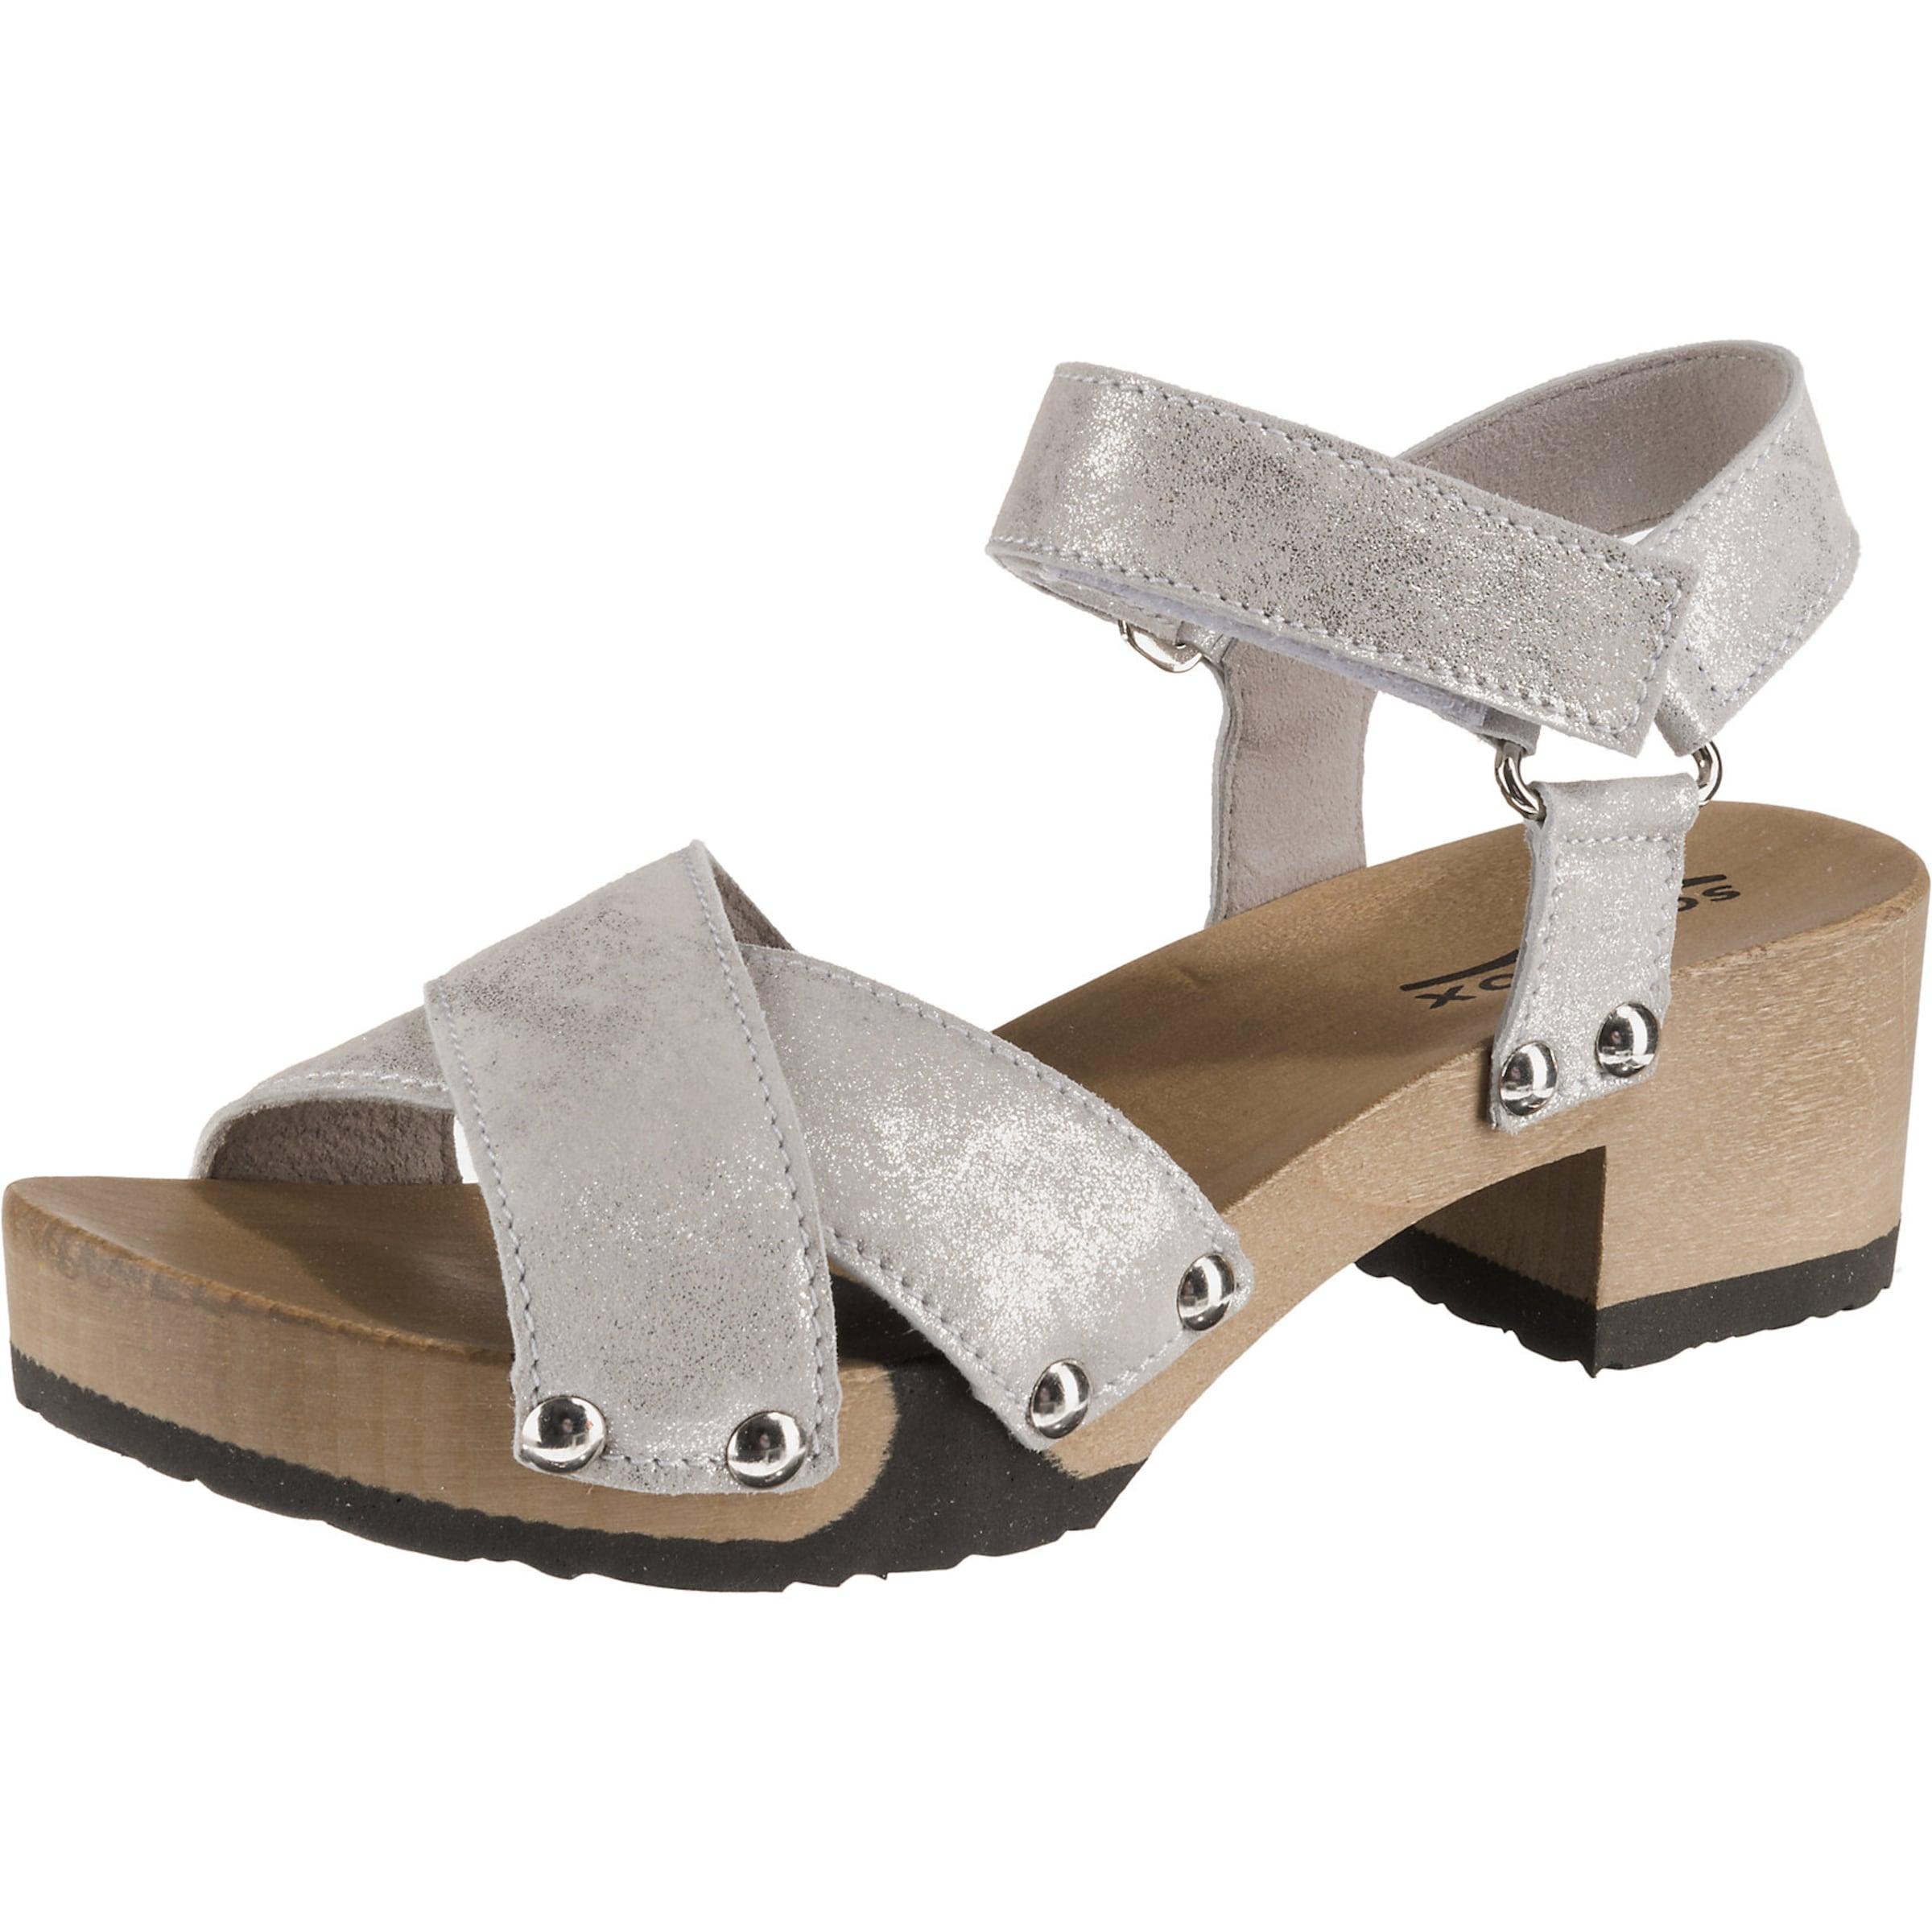 'palma' Silber Plateau In Softclox sandaletten HellbraunHellgrau hQtrsd